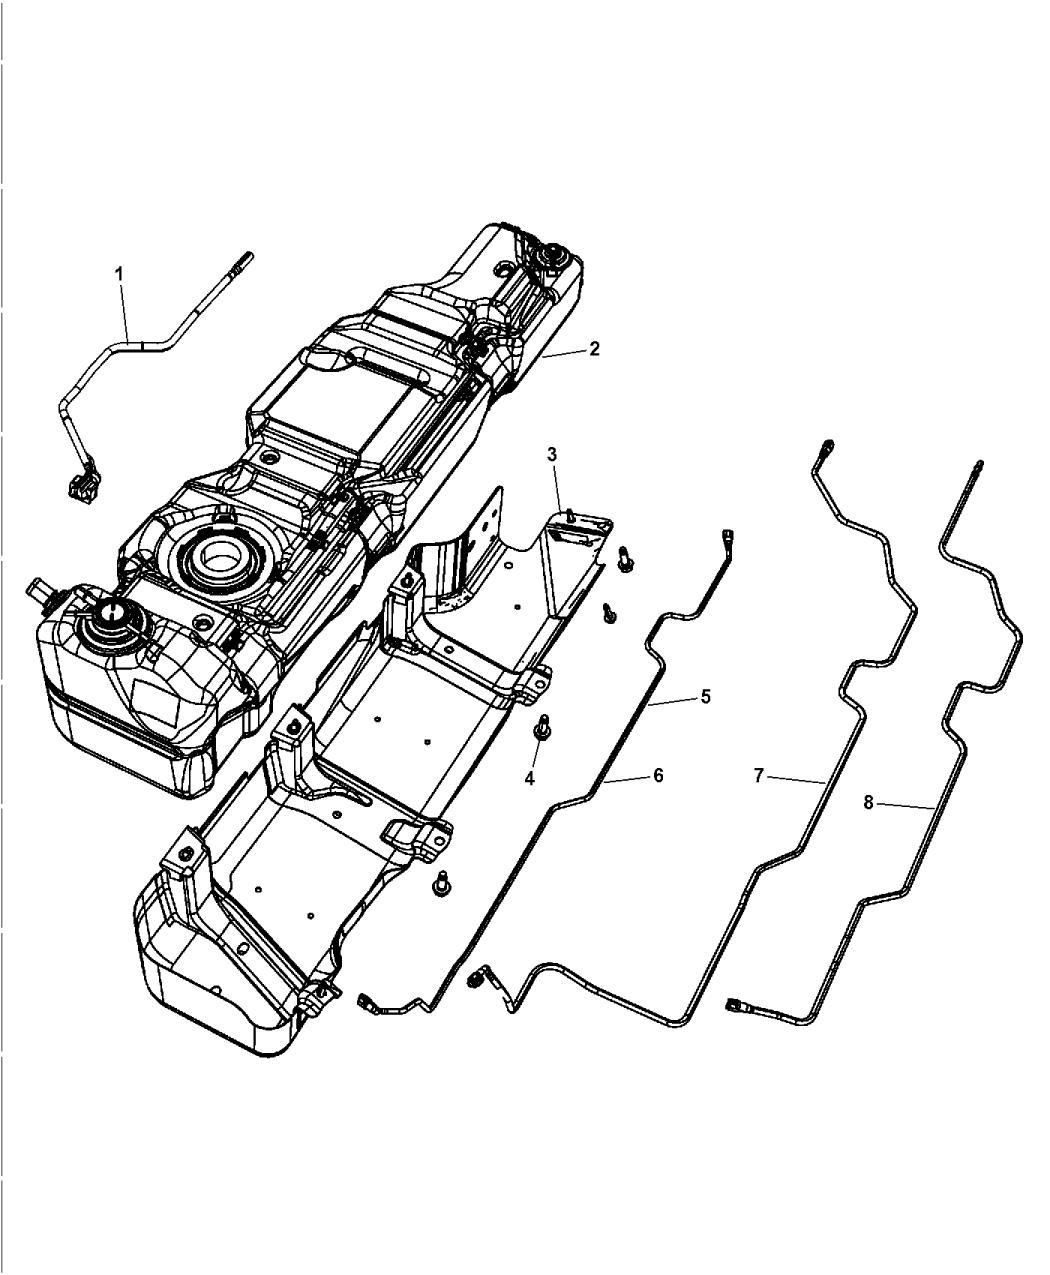 52059718ao Genuine Mopar Tank Fuel Jeep Diagram 2016 Wrangler